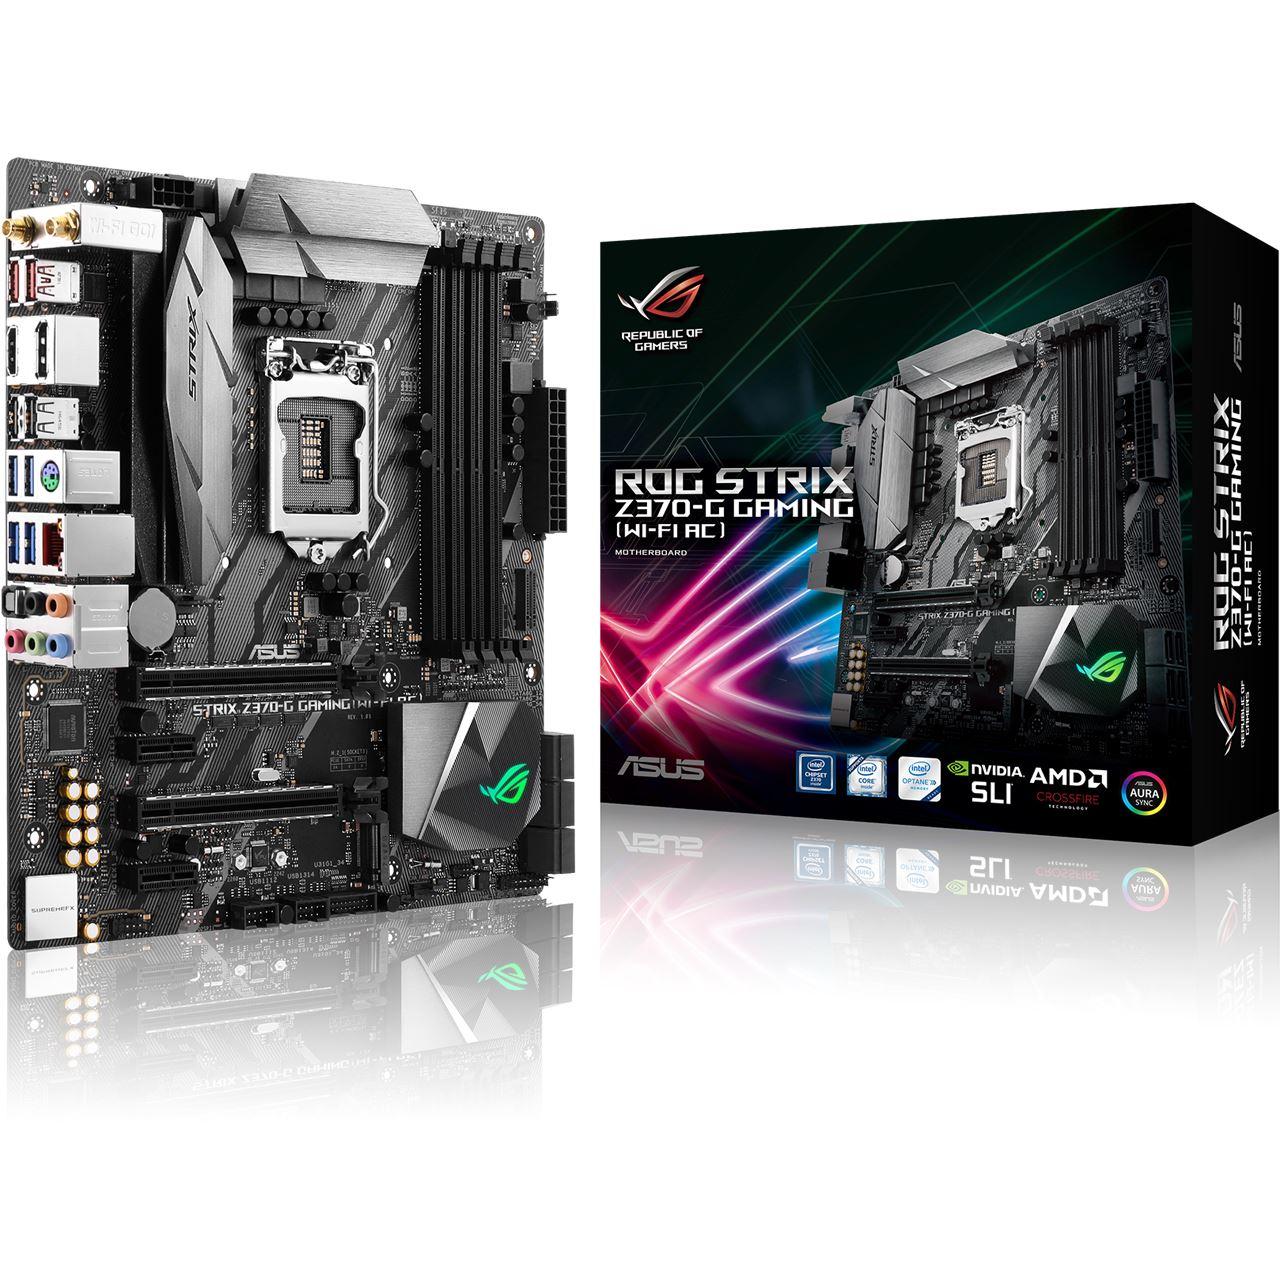 [CaseKing] ASUS ROG Strix Z370-G Gaming WI-FI AC